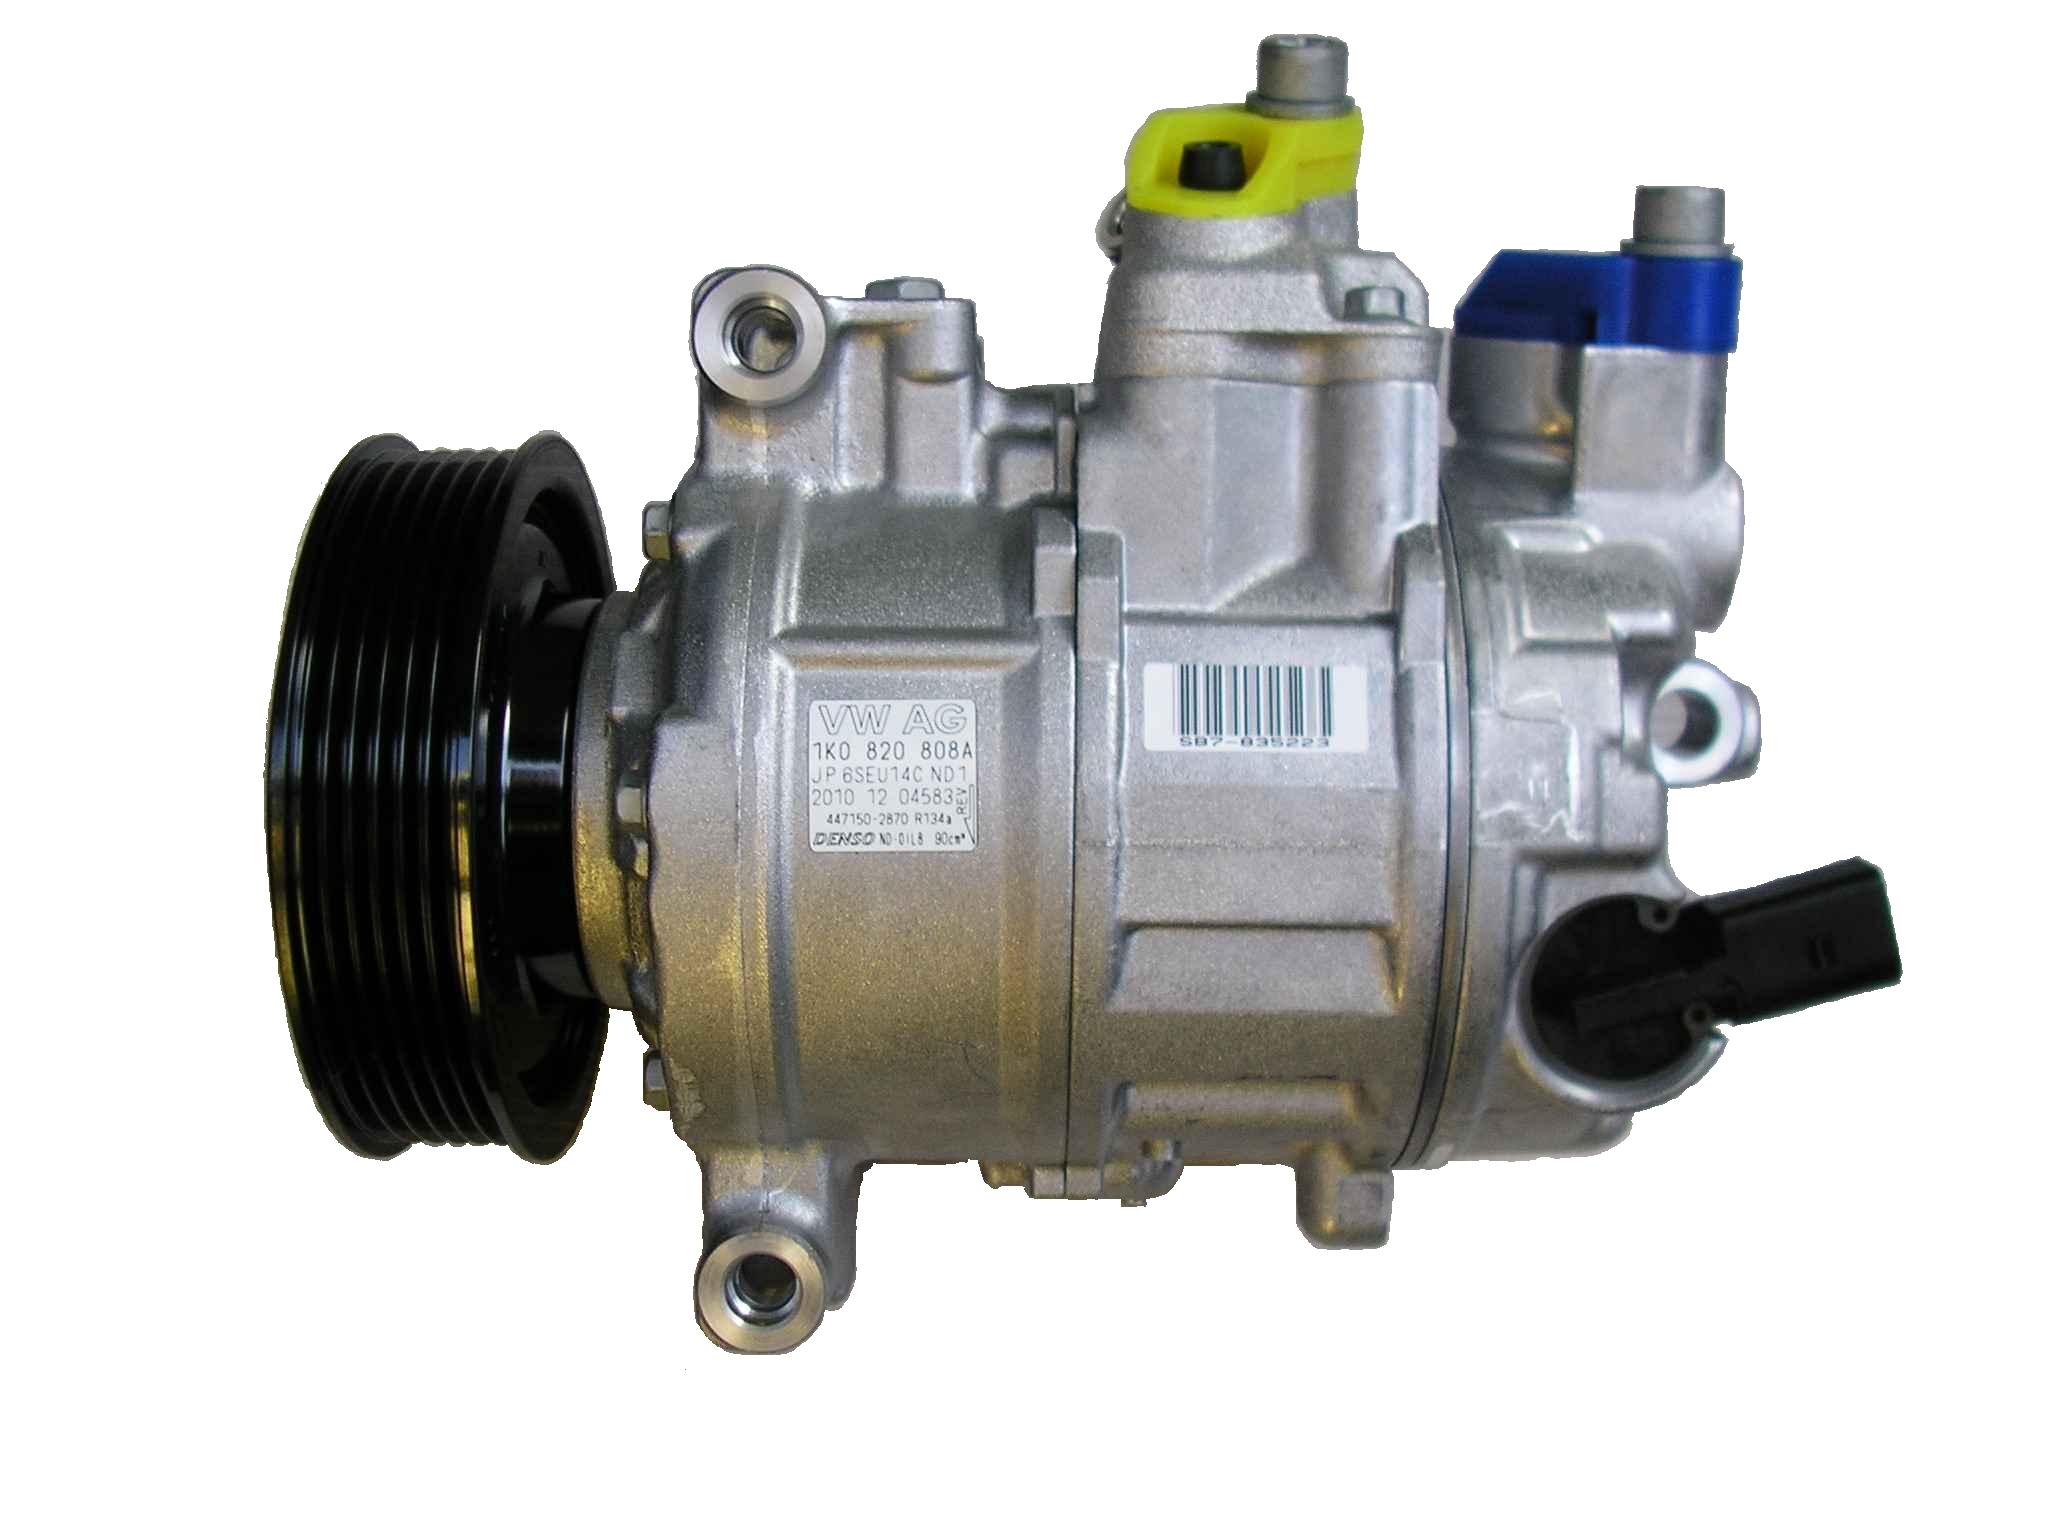 Kompresor klimatizace Denso OCTAVIA II 1K0820808A 1K0820859S